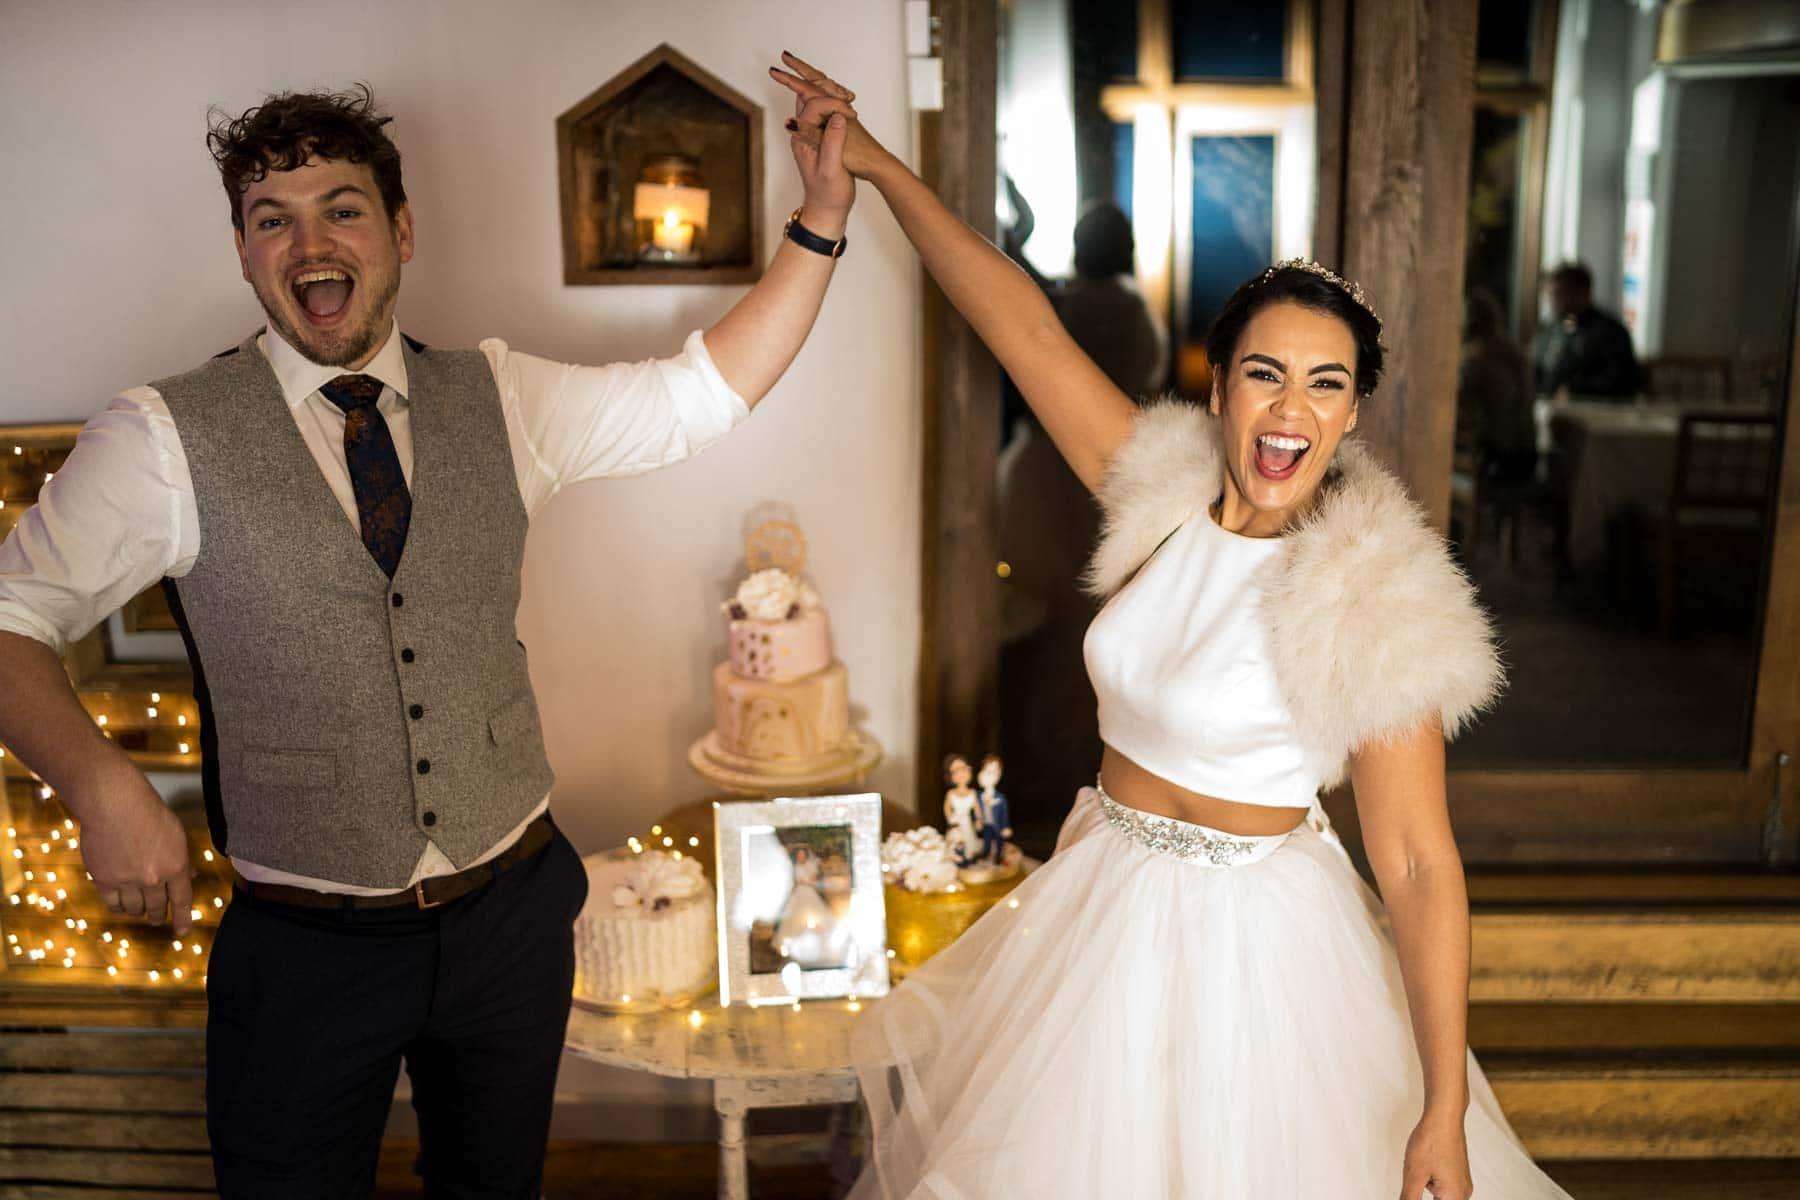 wedding cake celebration pose